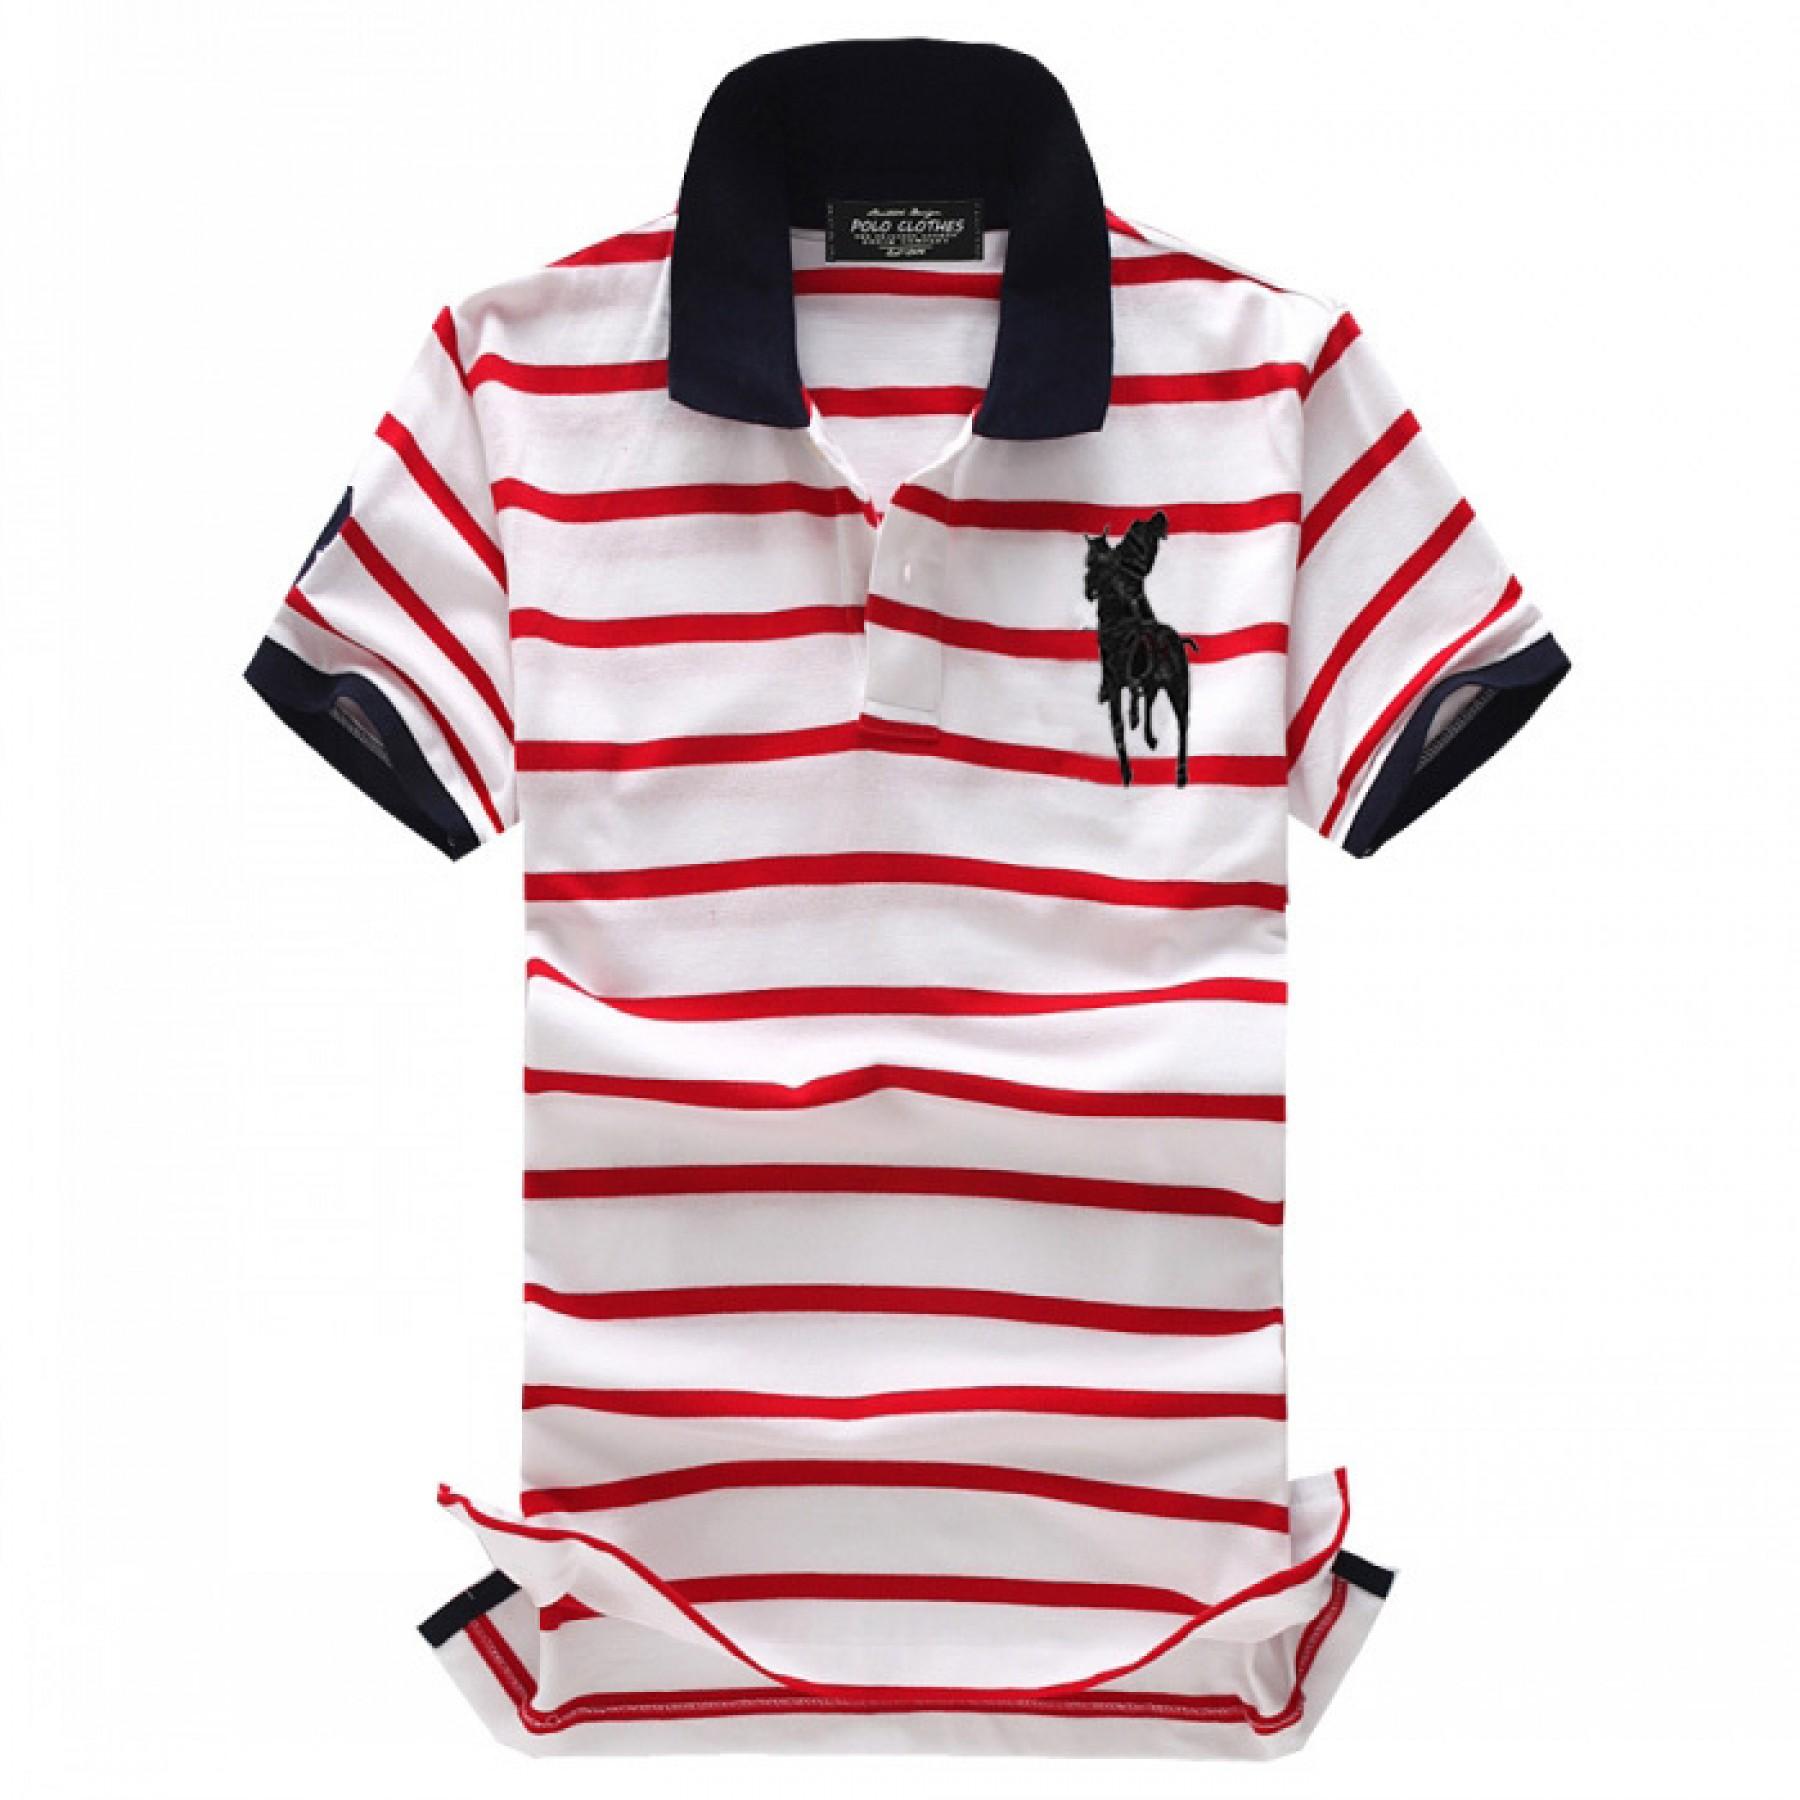 e53b36a3ae Camisa Polo Masculino Ralph Lauren com Listas Cod 0517